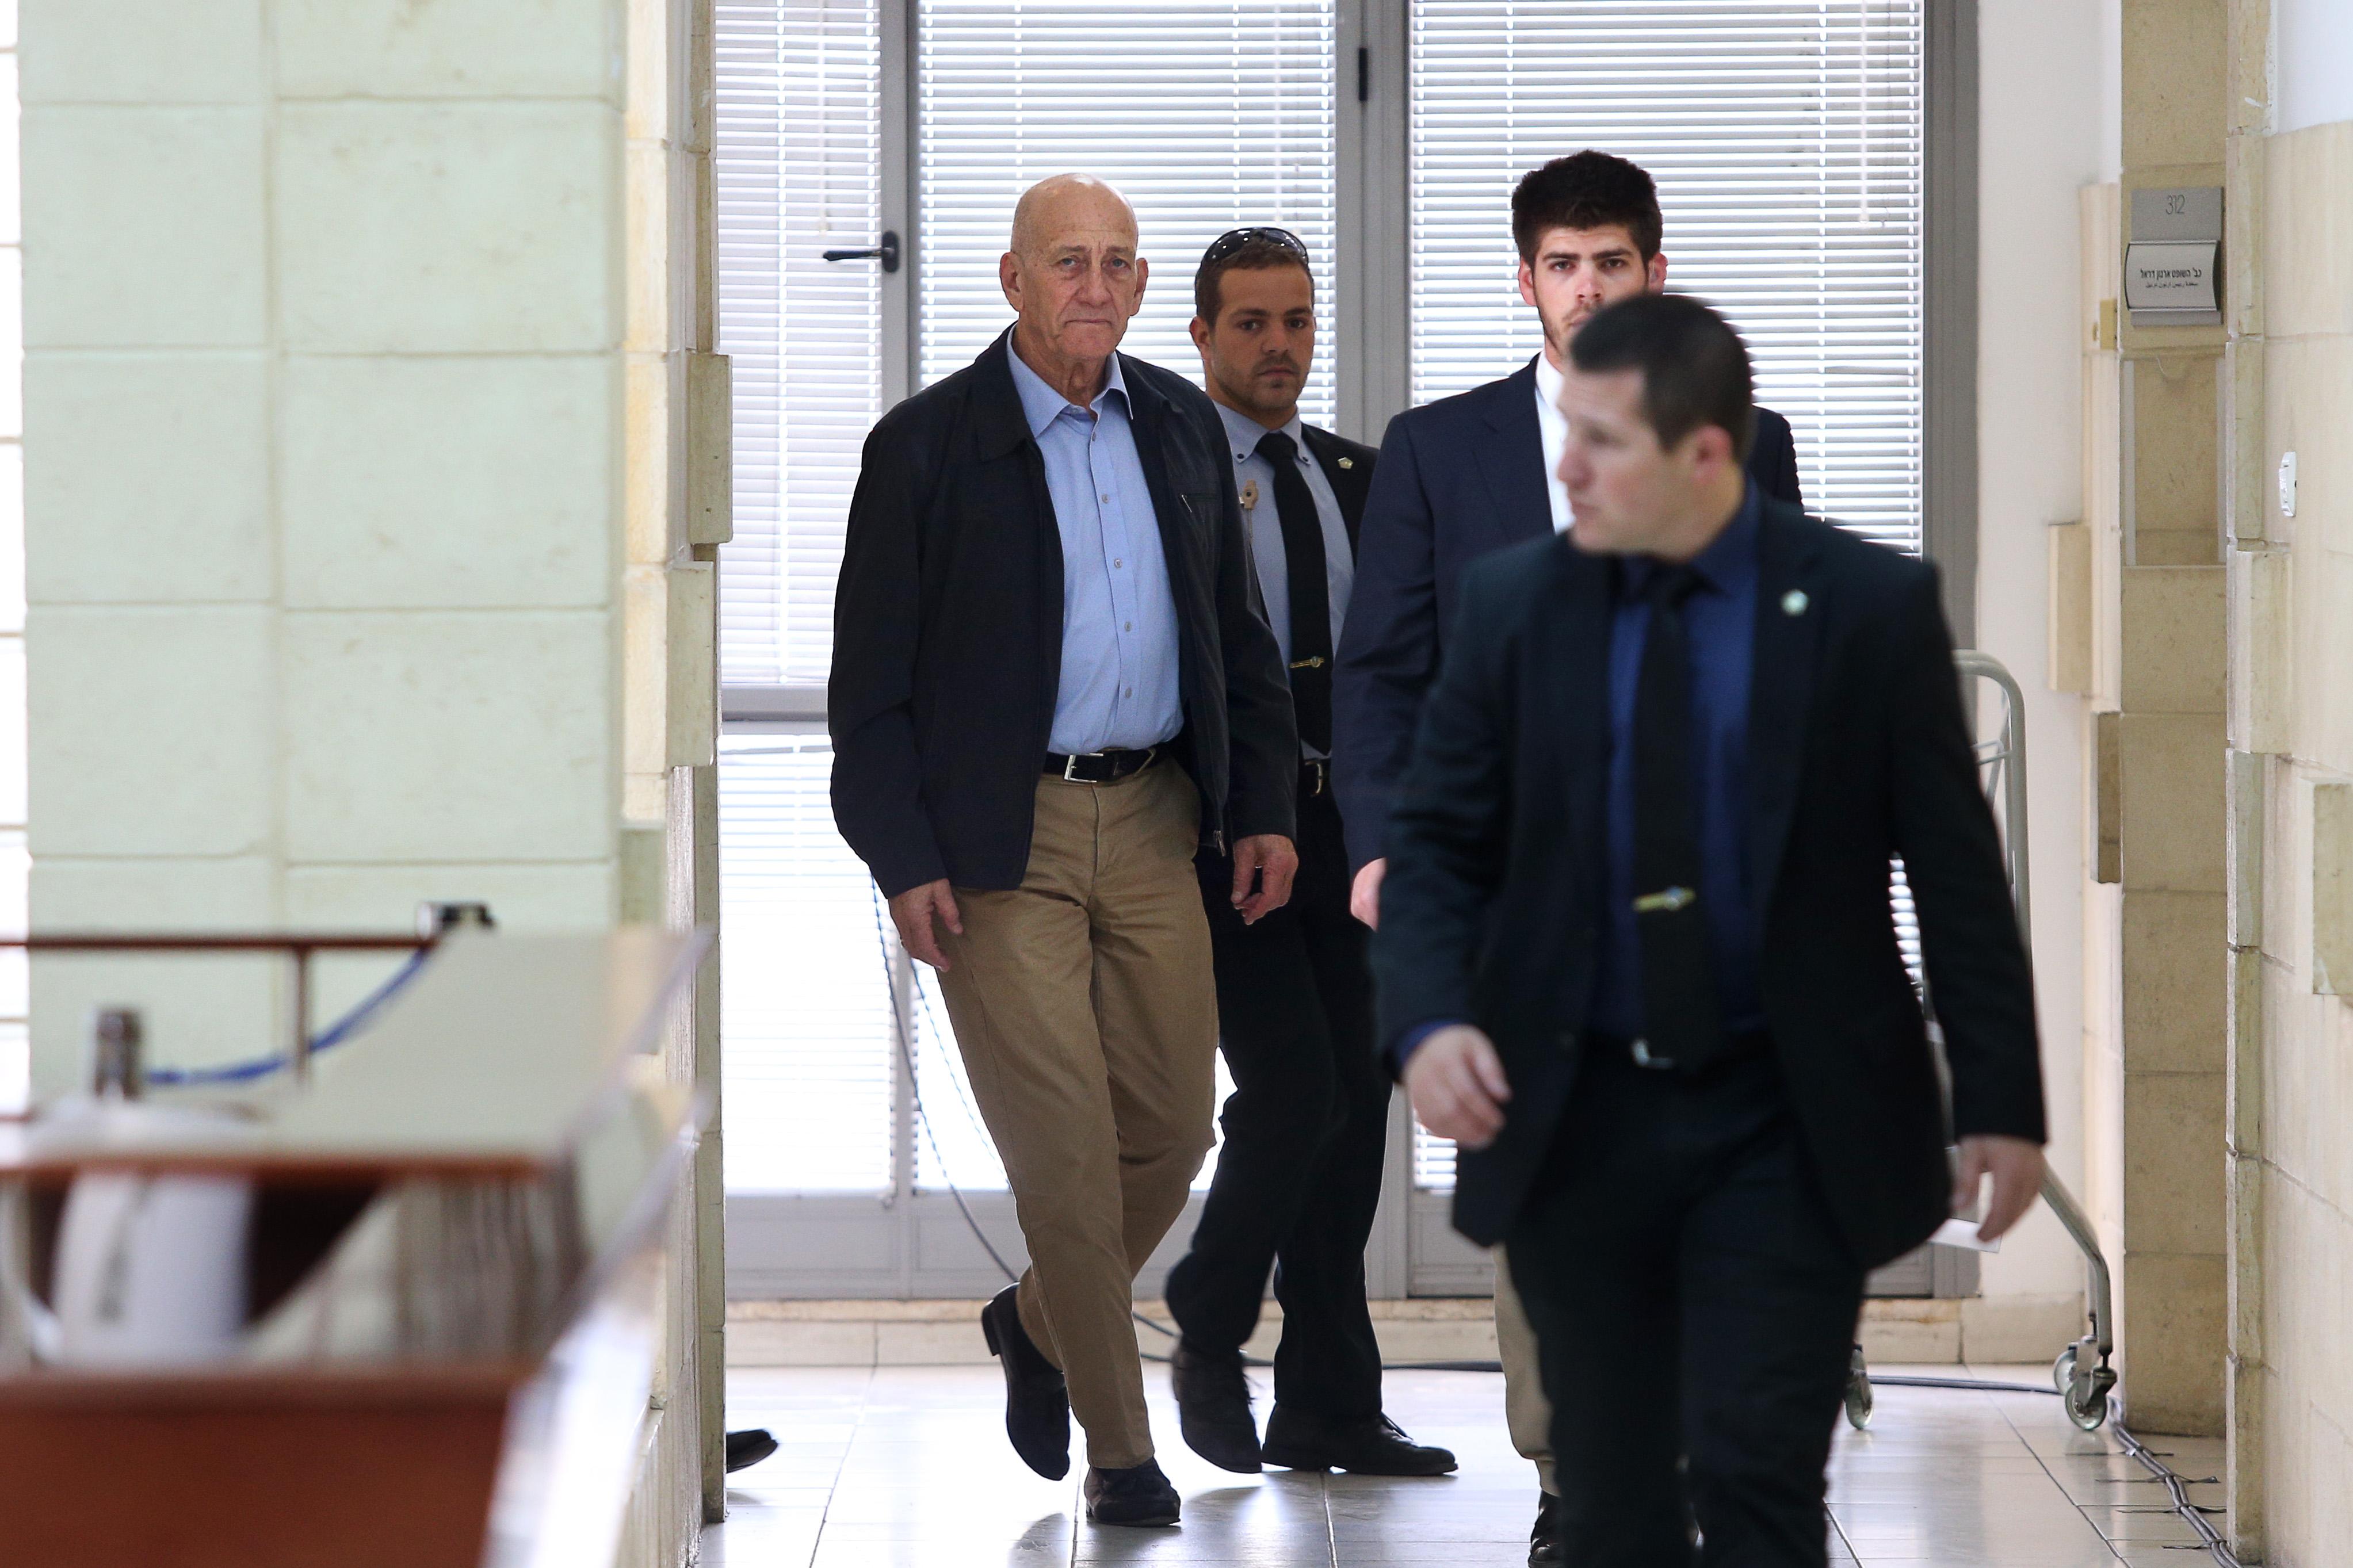 דיווח: במשטרה חושדים שאולמרט הבריח מידע סודי נוסף מהכלא